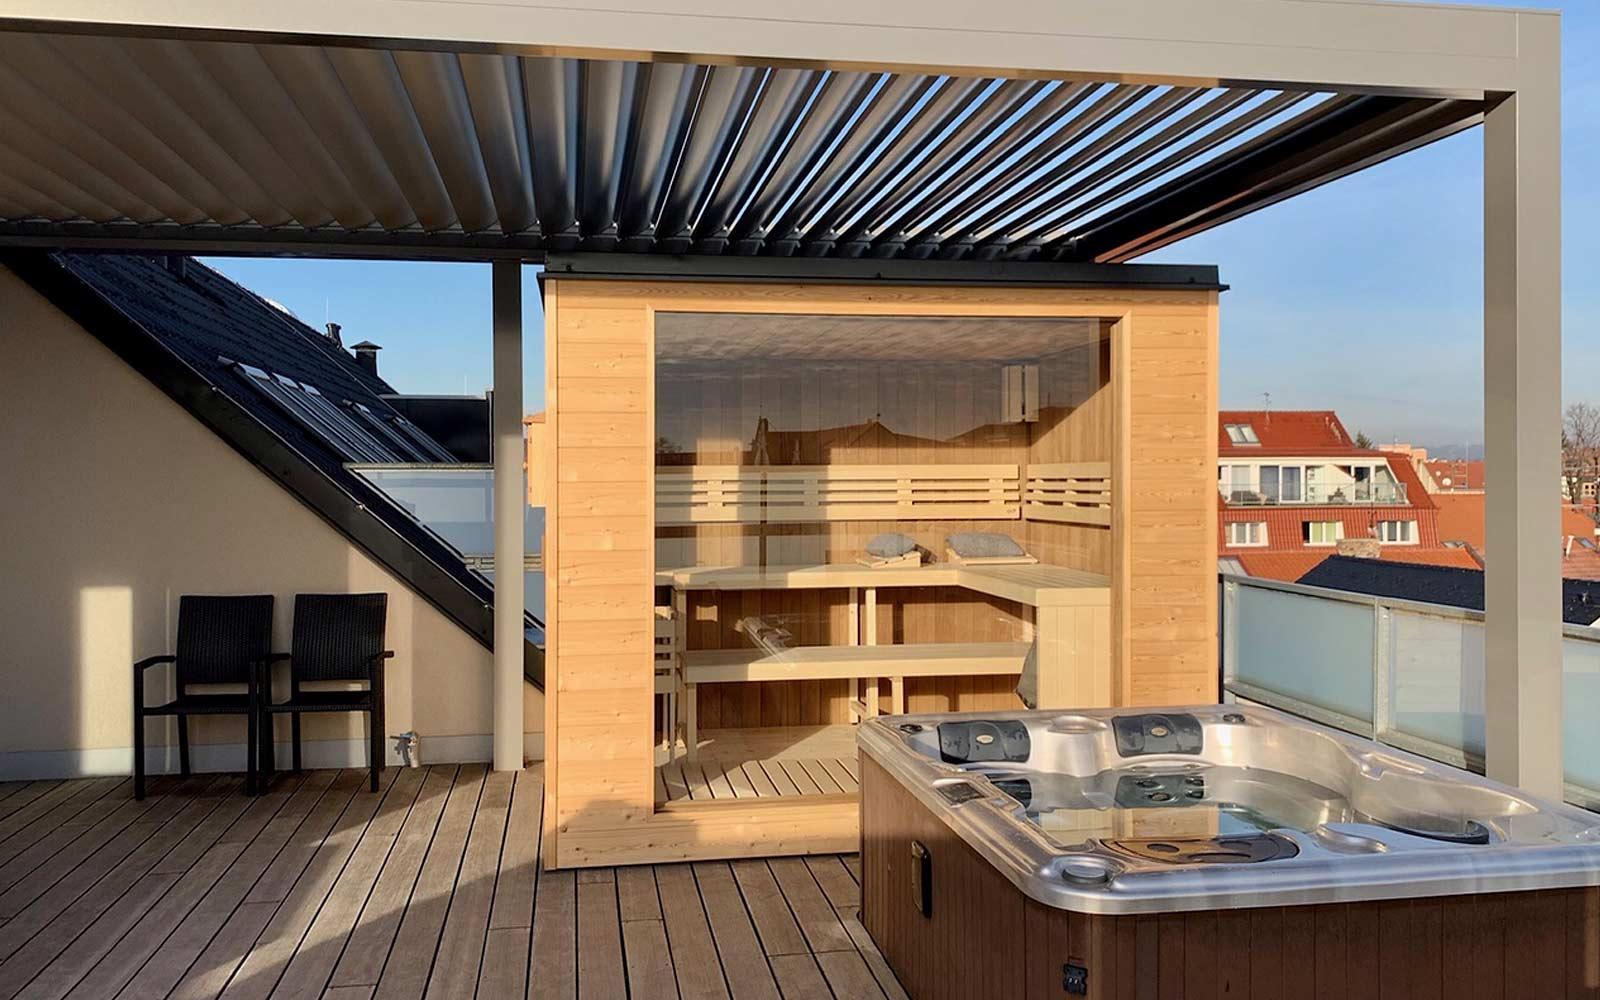 Finská sauna a whirlpool na střešní terase